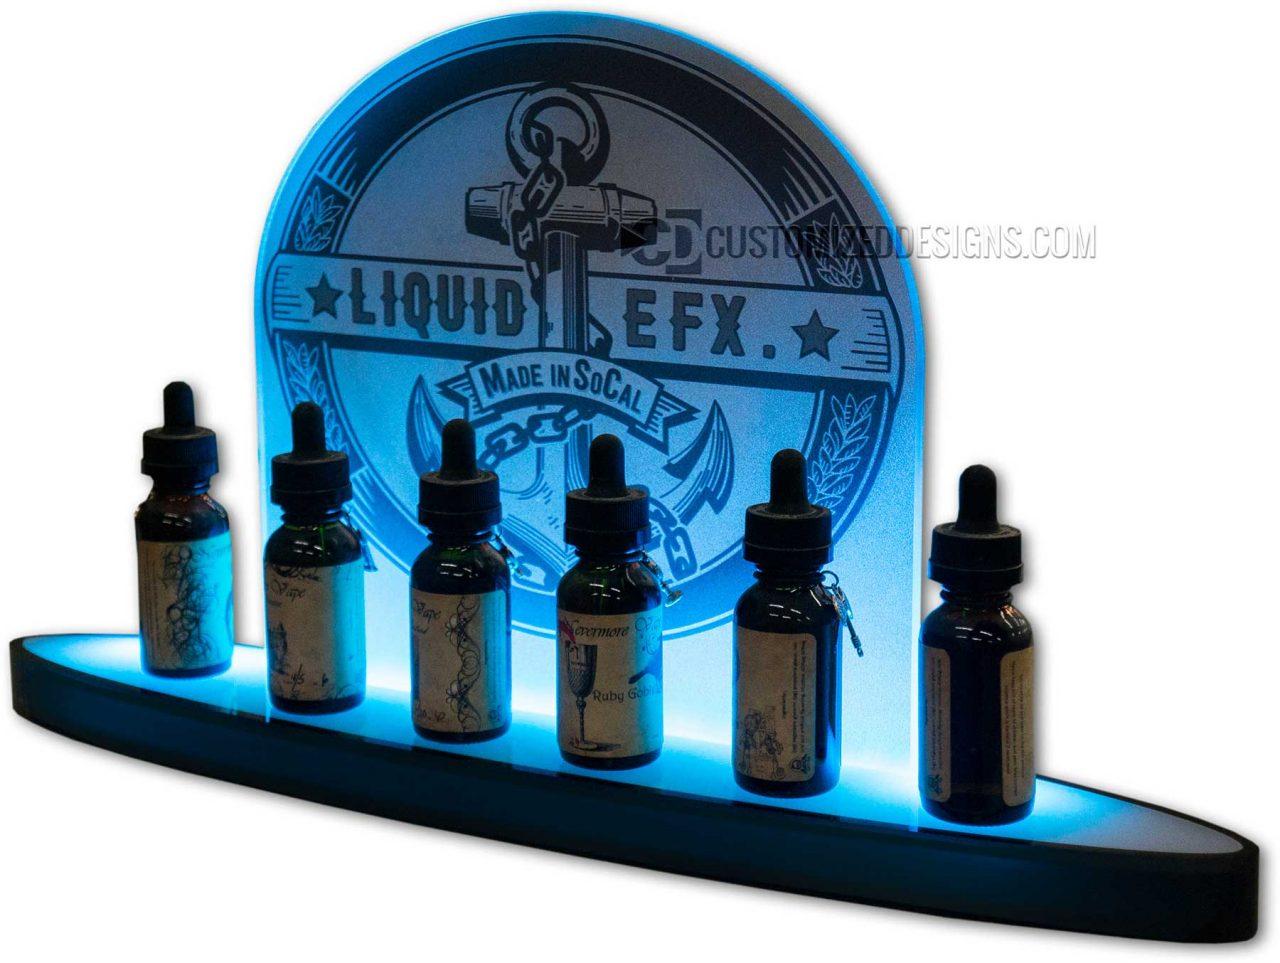 Liquid EFX Vape Bottle Display w/ LED Lighting